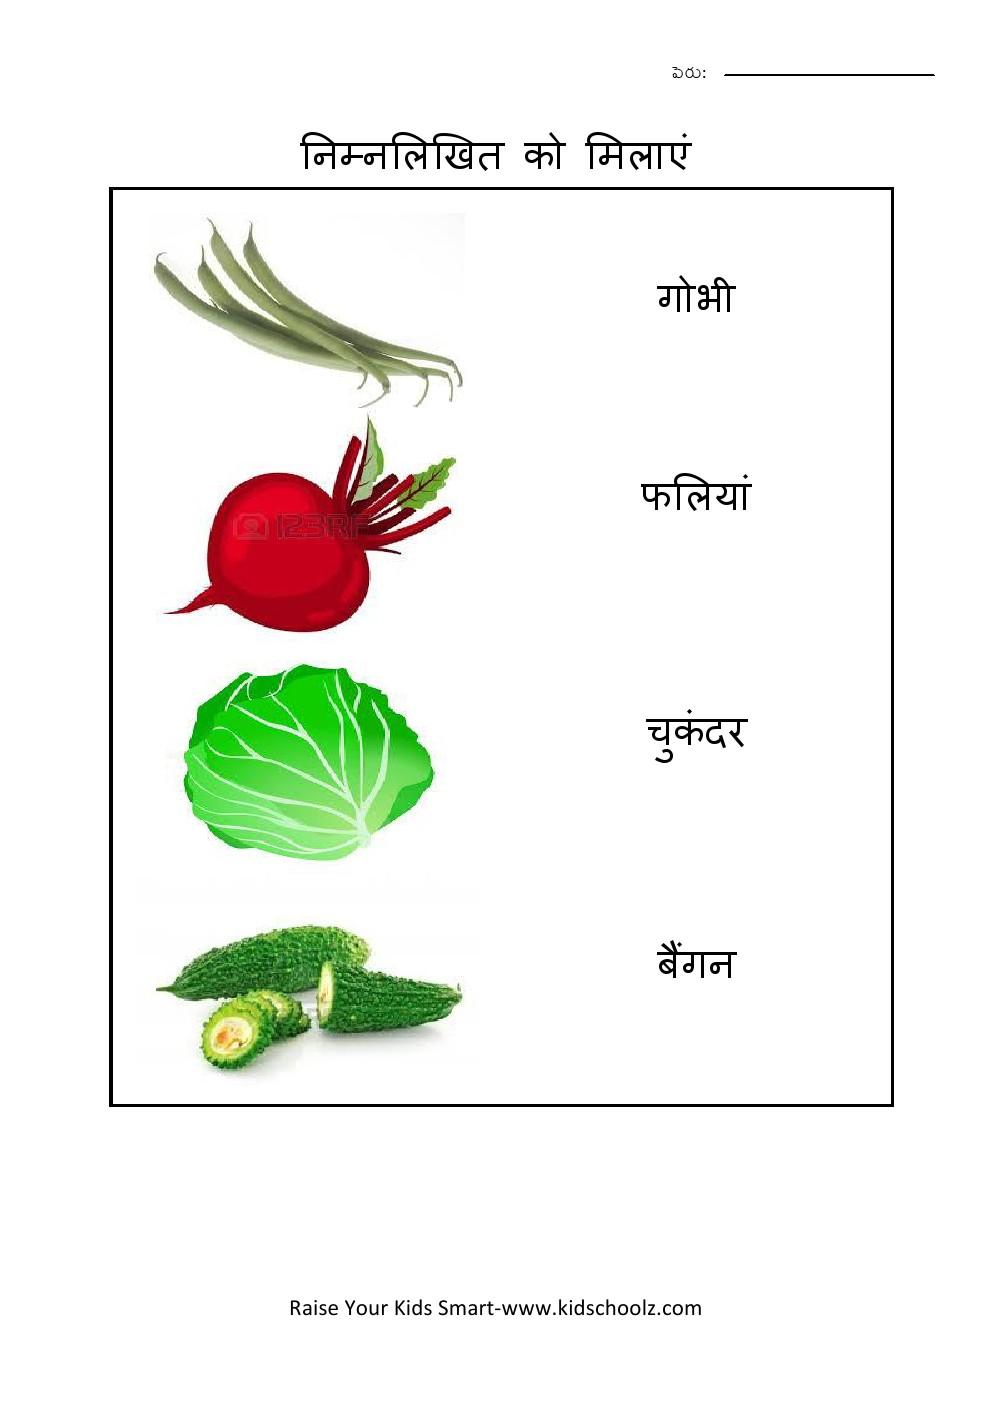 Hindi Vegetables Worksheet 2 Kidschoolz